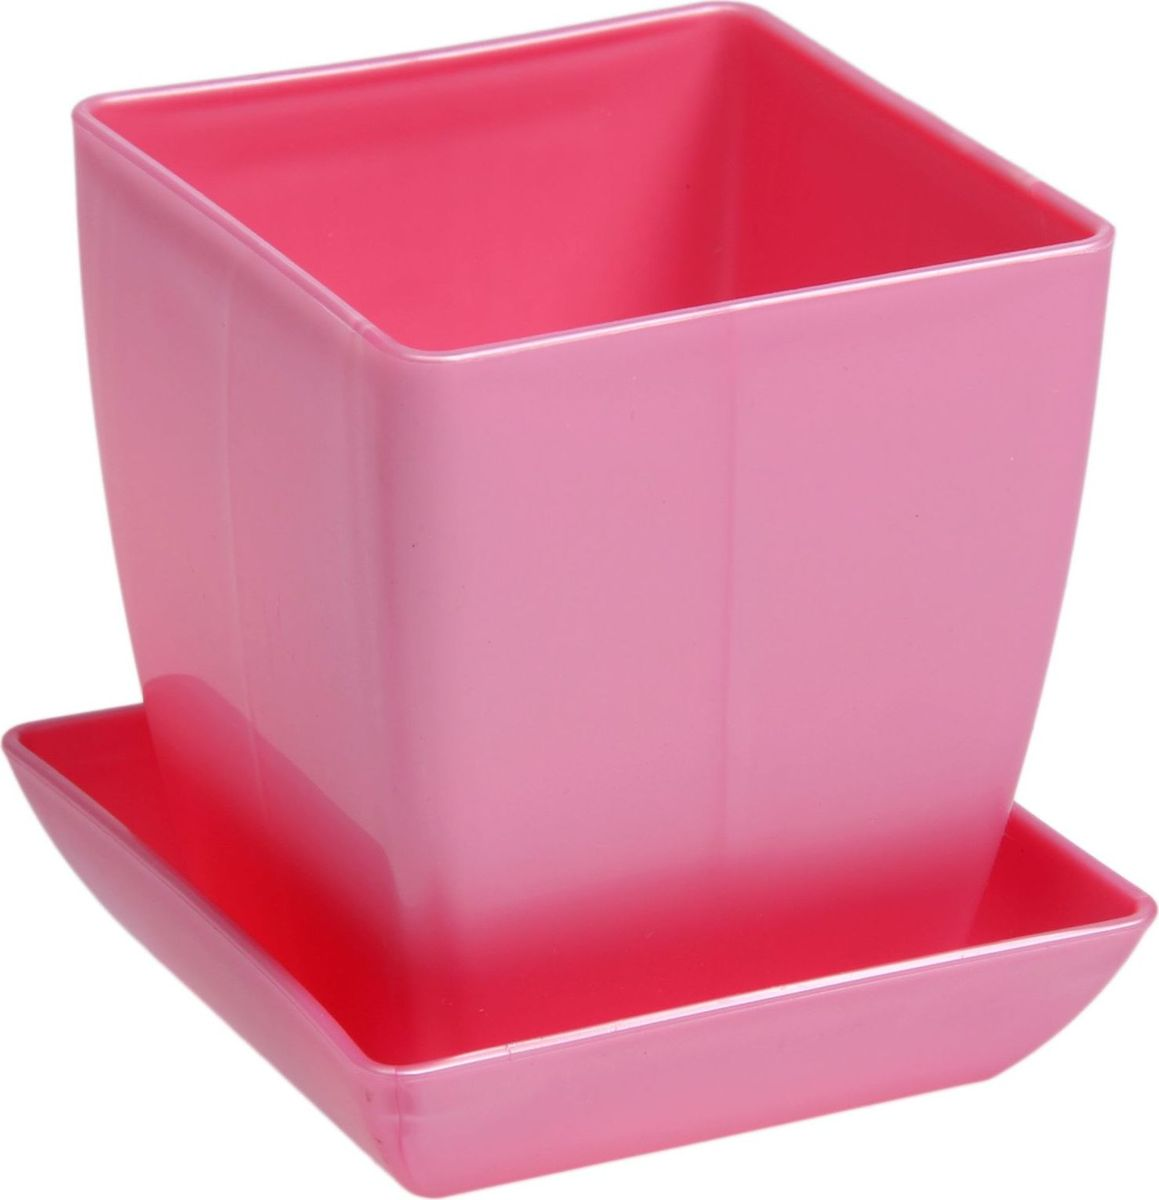 Горшок для цветов Квадрат, с поддоном, цвет: розовый, 1 л1459535Любой, даже самый современный и продуманный интерьер будет незавершённым без растений. Они не только очищают воздух и насыщают его кислородом, но и украшают окружающее пространство. Такому полезному члену семьи просто необходим красивый и функциональный дом! Мы предлагаем #name#! Оптимальный выбор материала — пластмасса! Почему мы так считаем?Малый вес. С лёгкостью переносите горшки и кашпо с места на место, ставьте их на столики или полки, не беспокоясь о нагрузке. Простота ухода. Кашпо не нуждается в специальных условиях хранения. Его легко чистить — достаточно просто сполоснуть тёплой водой. Никаких потёртостей. Такие кашпо не царапают и не загрязняют поверхности, на которых стоят. Пластик дольше хранит влагу, а значит, растение реже нуждается в поливе. Пластмасса не пропускает воздух — корневой системе растения не грозят резкие перепады температур. Огромный выбор форм, декора и расцветок — вы без труда найдёте что-то, что идеально впишется в уже существующий интерьер. Соблюдая нехитрые правила ухода, вы можете заметно продлить срок службы горшков и кашпо из пластика:всегда учитывайте размер кроны и корневой системы (при разрастании большое растение способно повредить маленький горшок)берегите изделие от воздействия прямых солнечных лучей, чтобы горшки не выцветалидержите кашпо из пластика подальше от нагревающихся поверхностей. Создавайте прекрасные цветочные композиции, выращивайте рассаду или необычные растения.